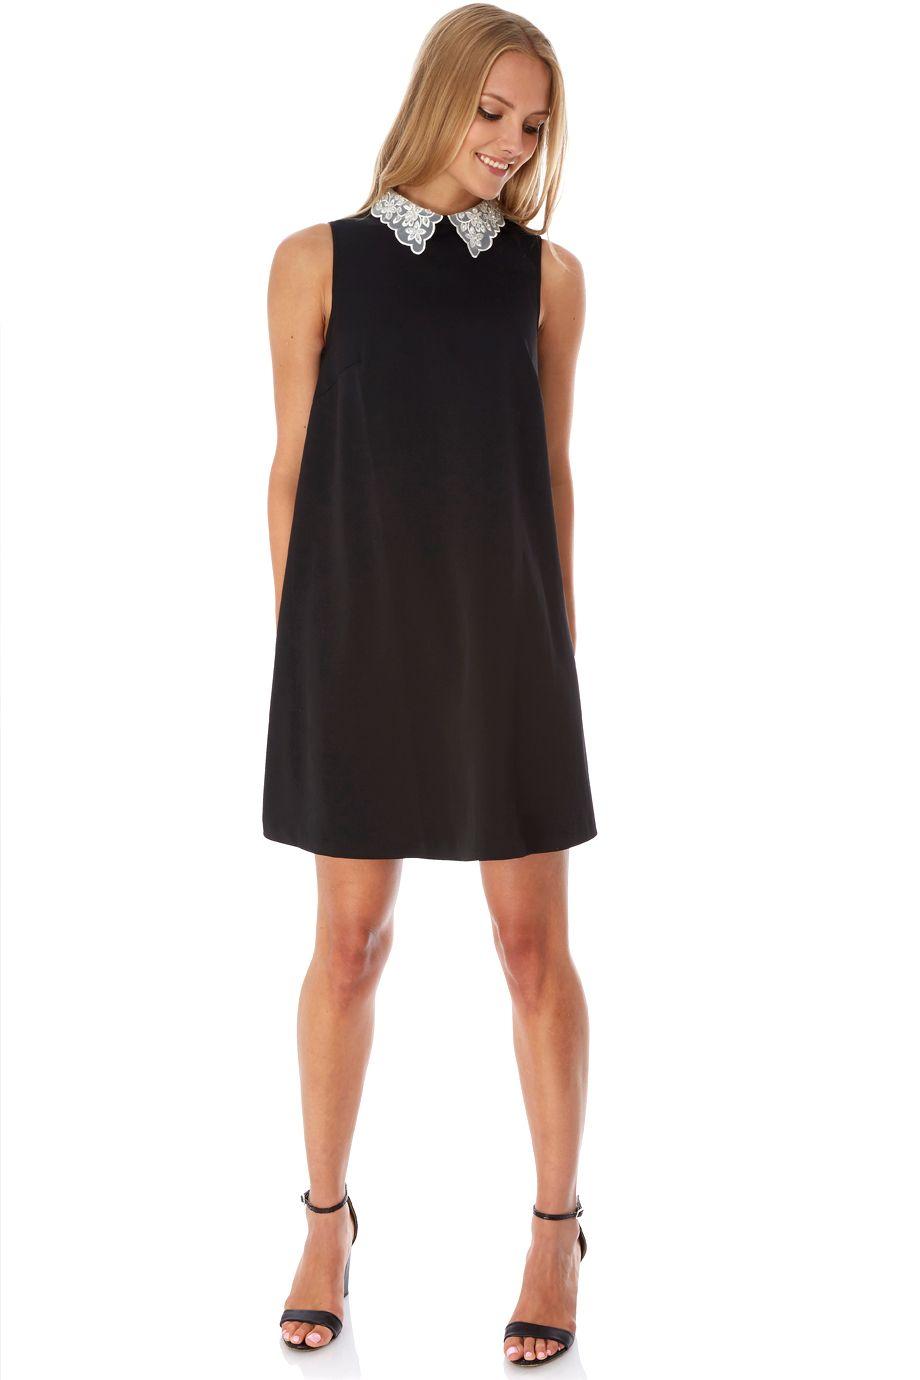 Μαύρο φόρεμα σε  Α  γραμμή με κεντημένο λευκό γιακαδάκι από οργκάντζα  8bd8951c27c